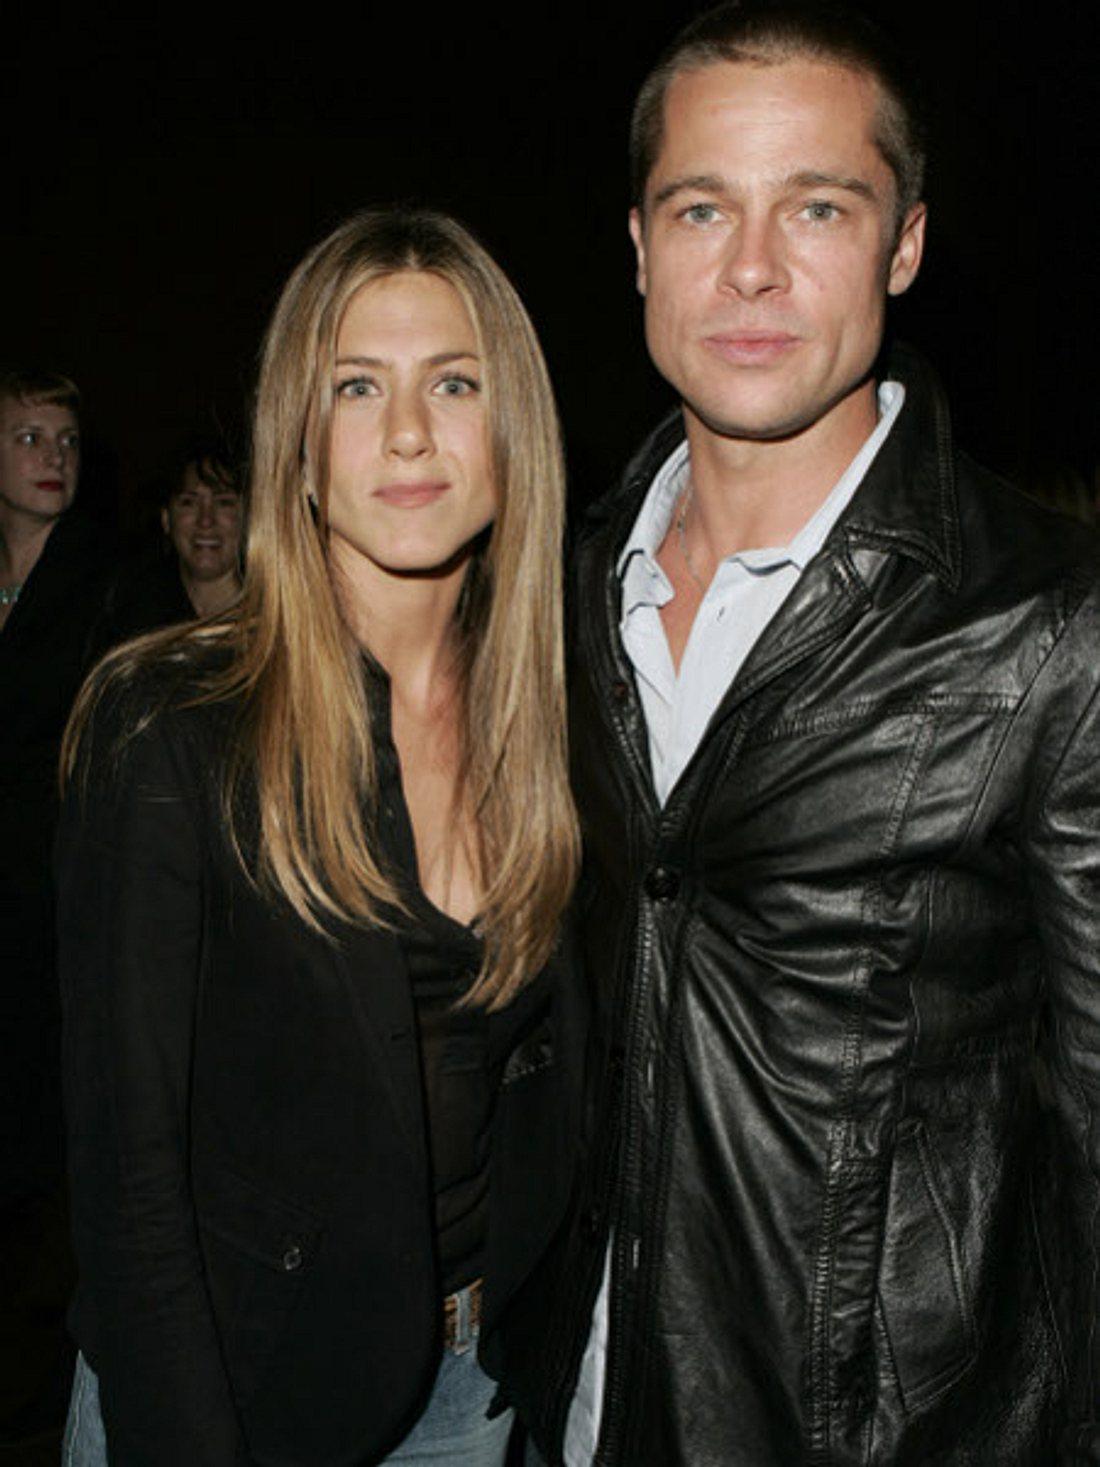 Das Liebeskarussell der Hollywood-StarsAber auch Jennifer Anistons Liebhaber-Liste ist nicht gerade kurz: Vier jahre lang war die Schauspielerin mit Brad Pitt (48) verheiratet, bevor der sie 2004 wegen einer anderen verließ...